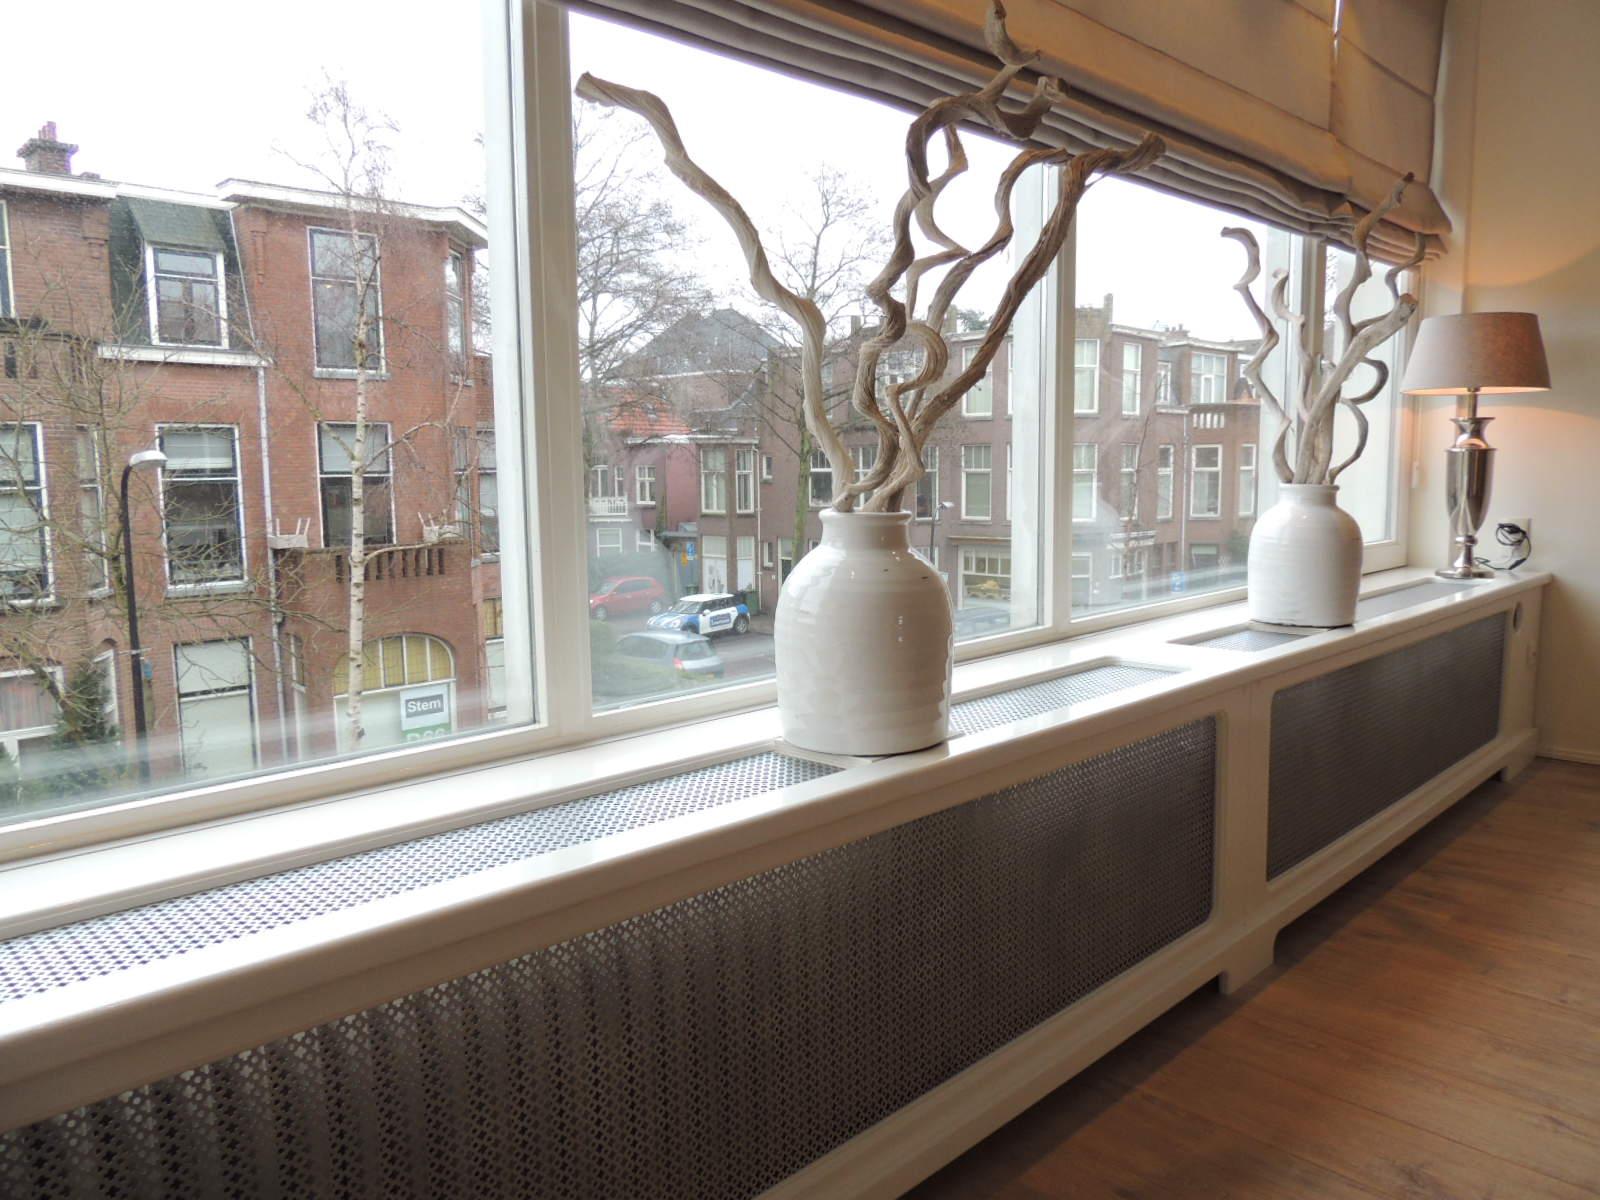 Julianastraat (renovated completely), Rijswijk